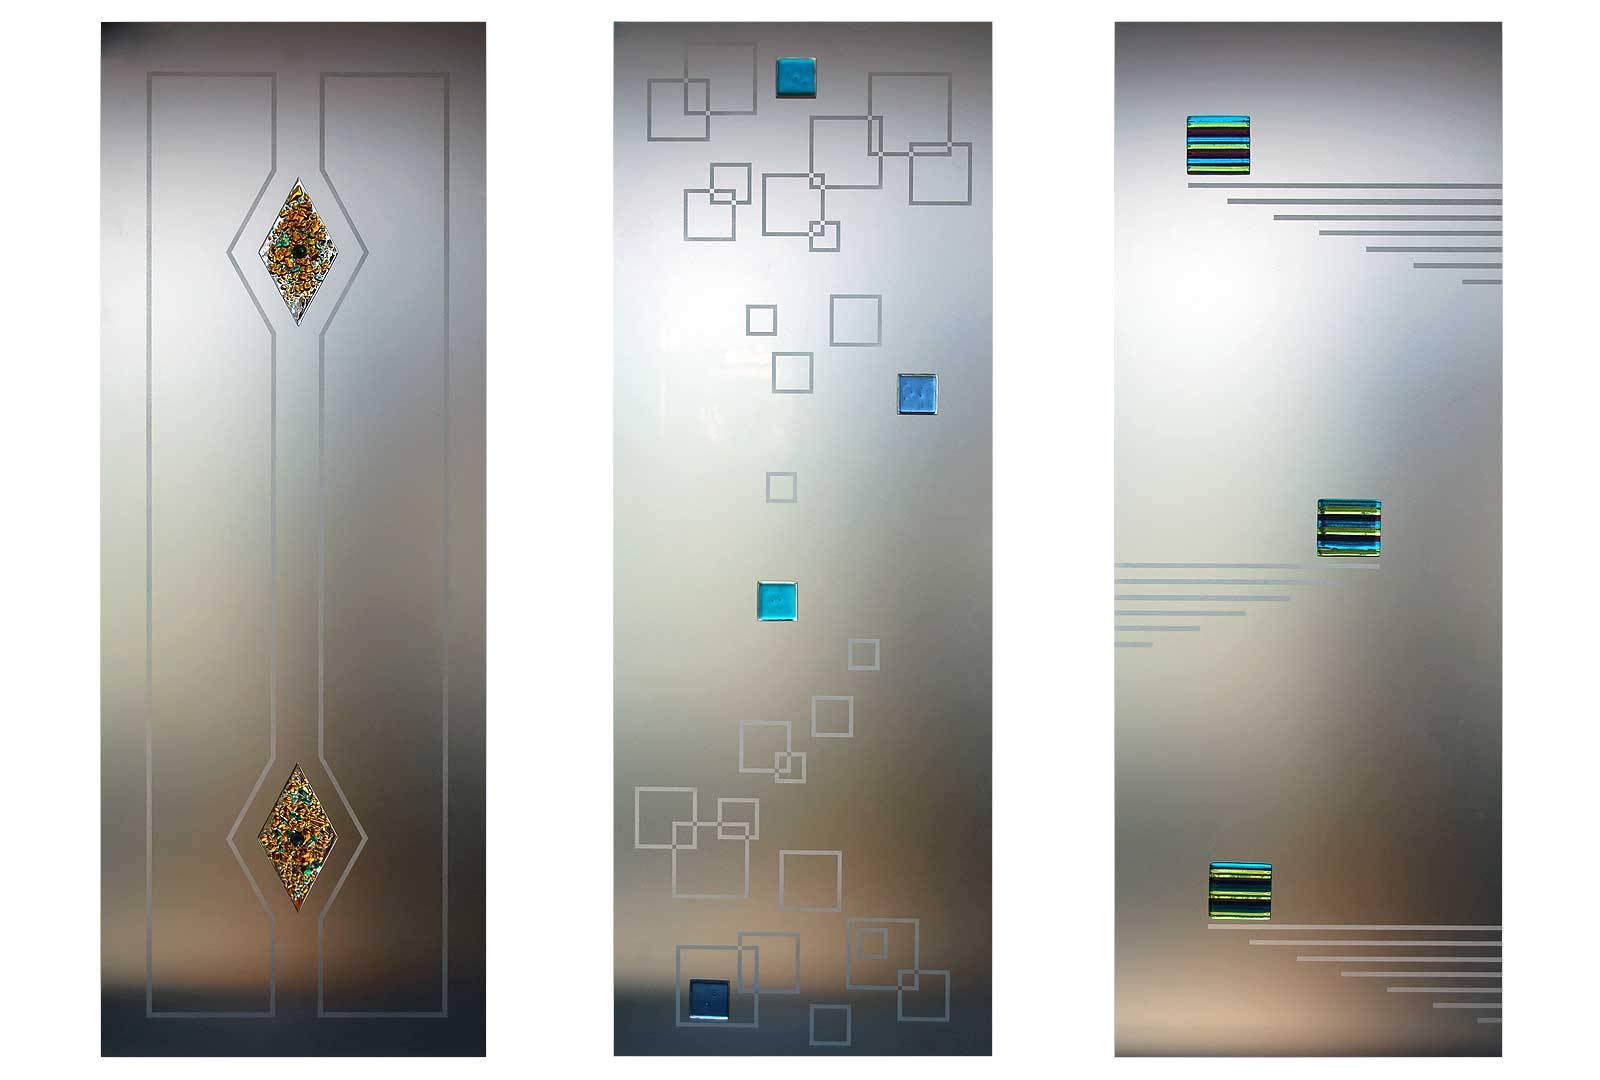 Vetri Decorati Per Porte.Vetreria Artistica Masiero Vetri Decorati Per Porte Interne La